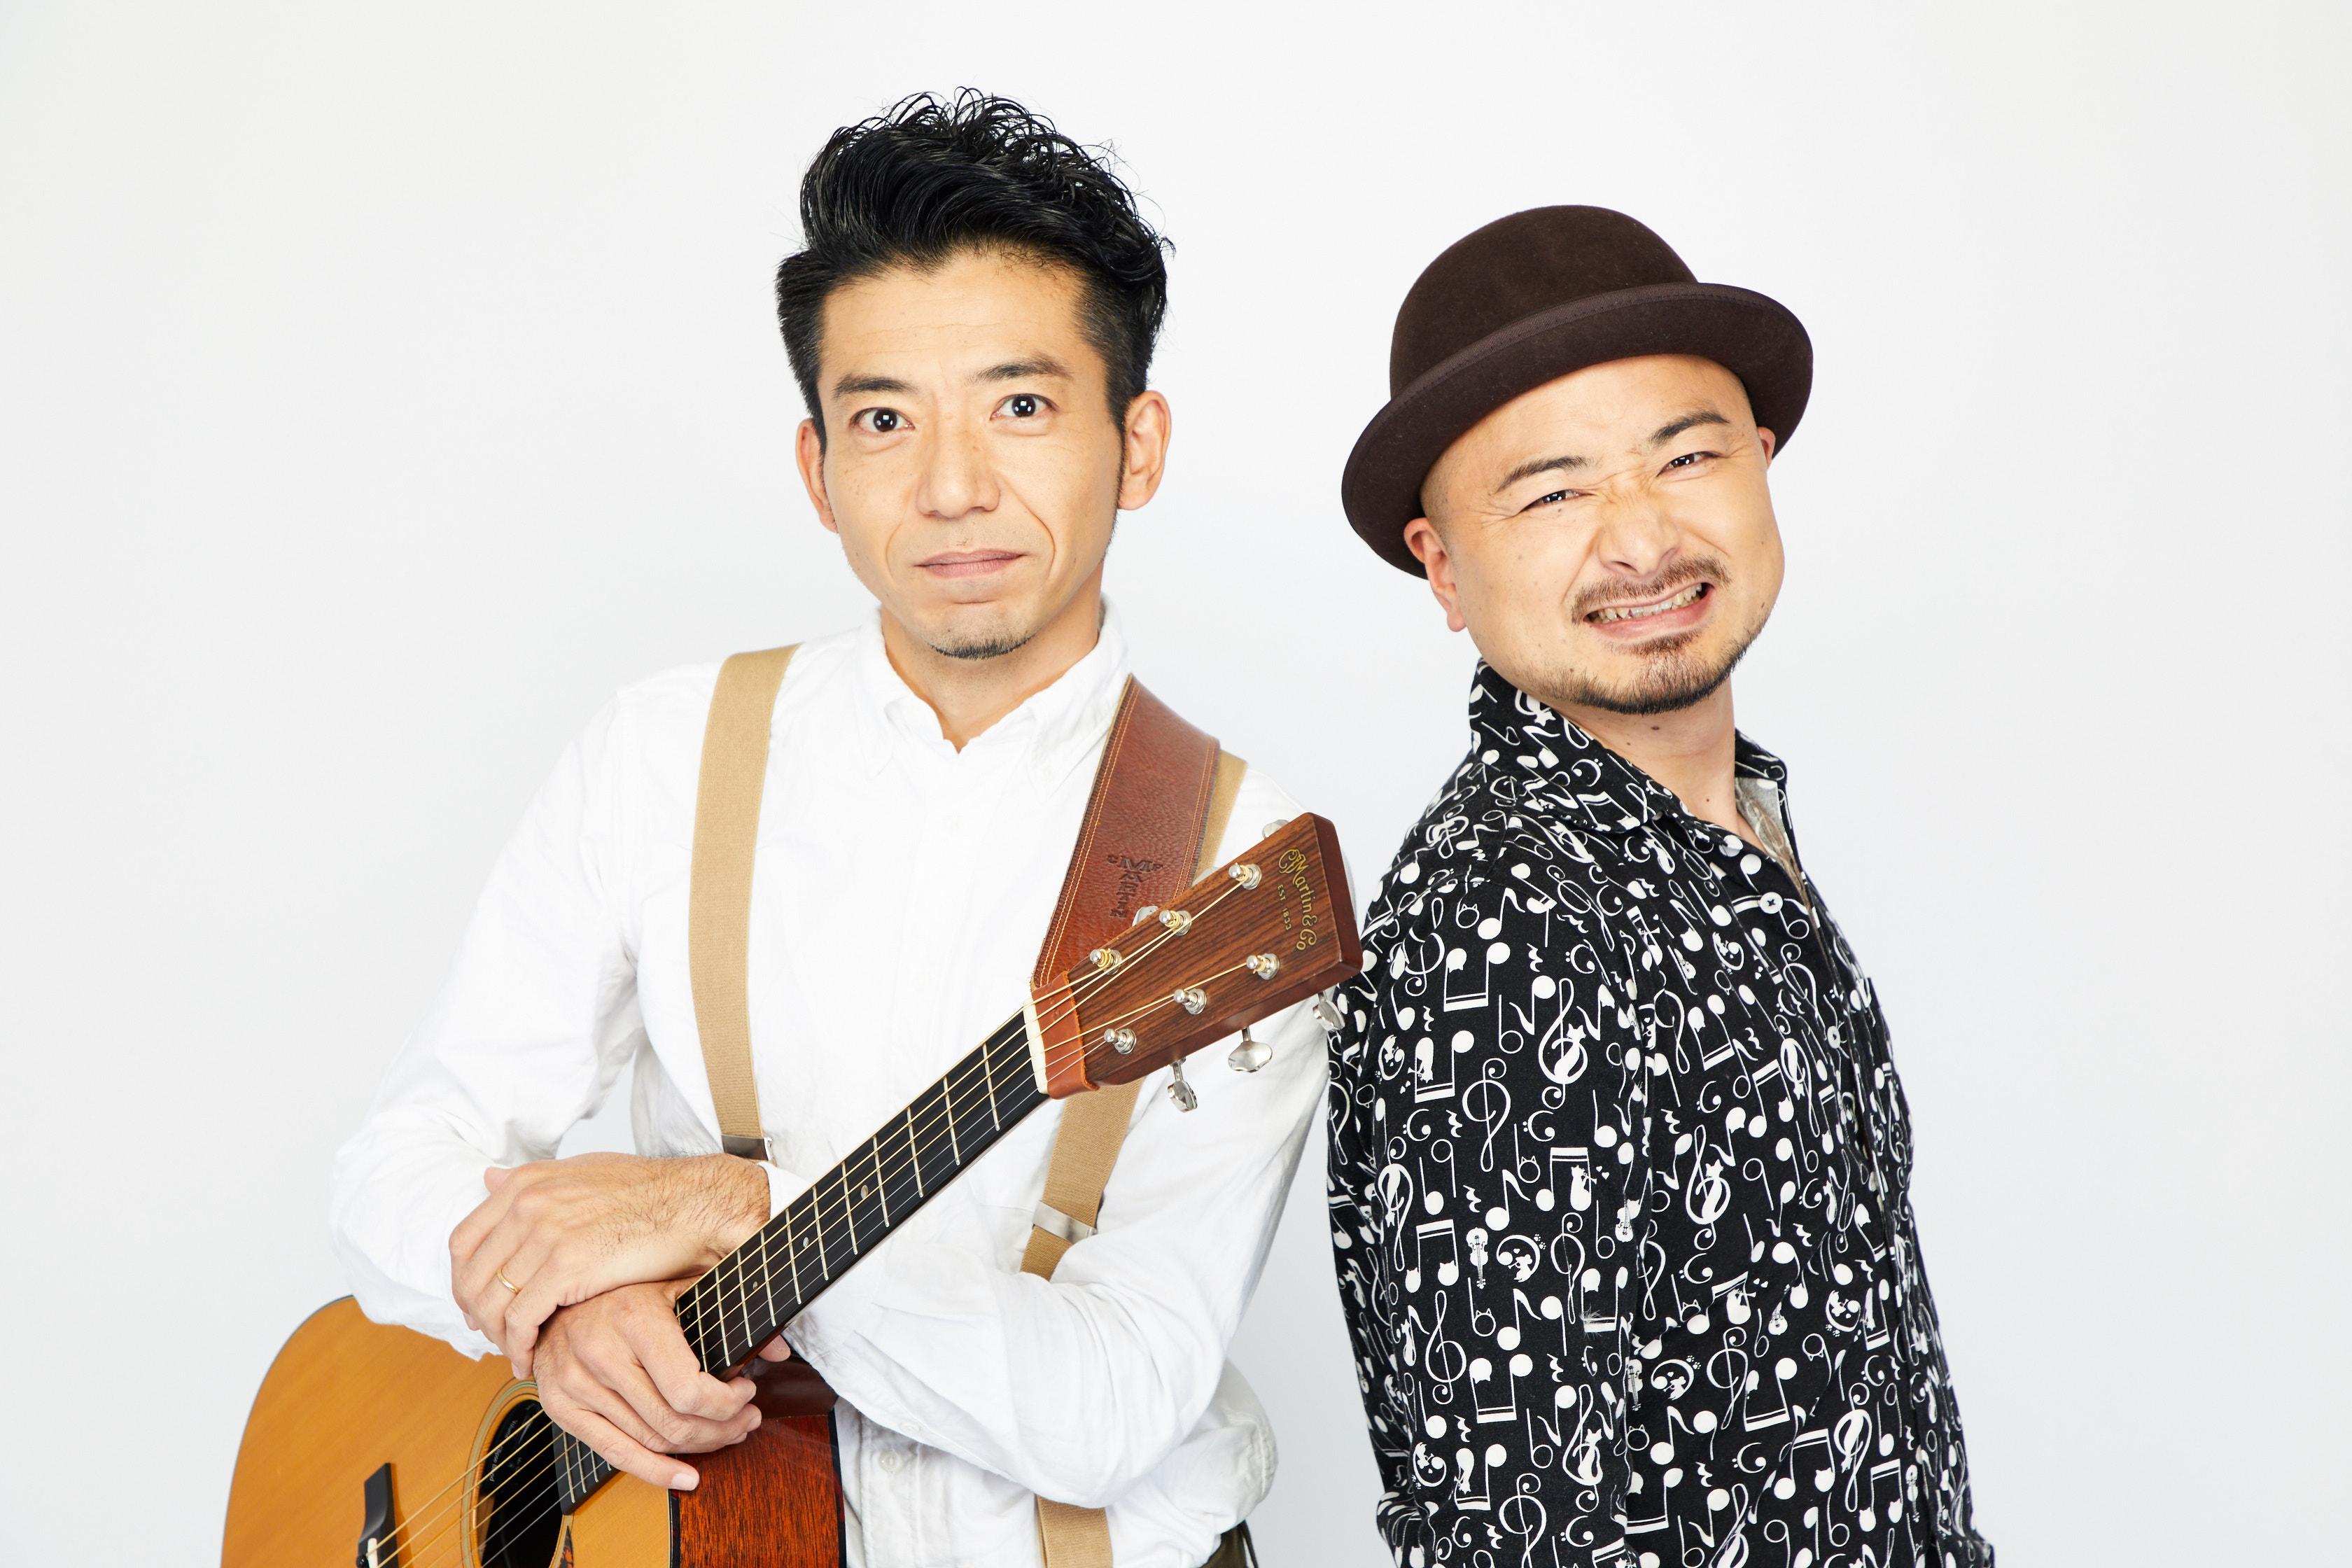 どぶろっく森 第1回ソロライブ「底」   ②1/12(土) 昼 公演